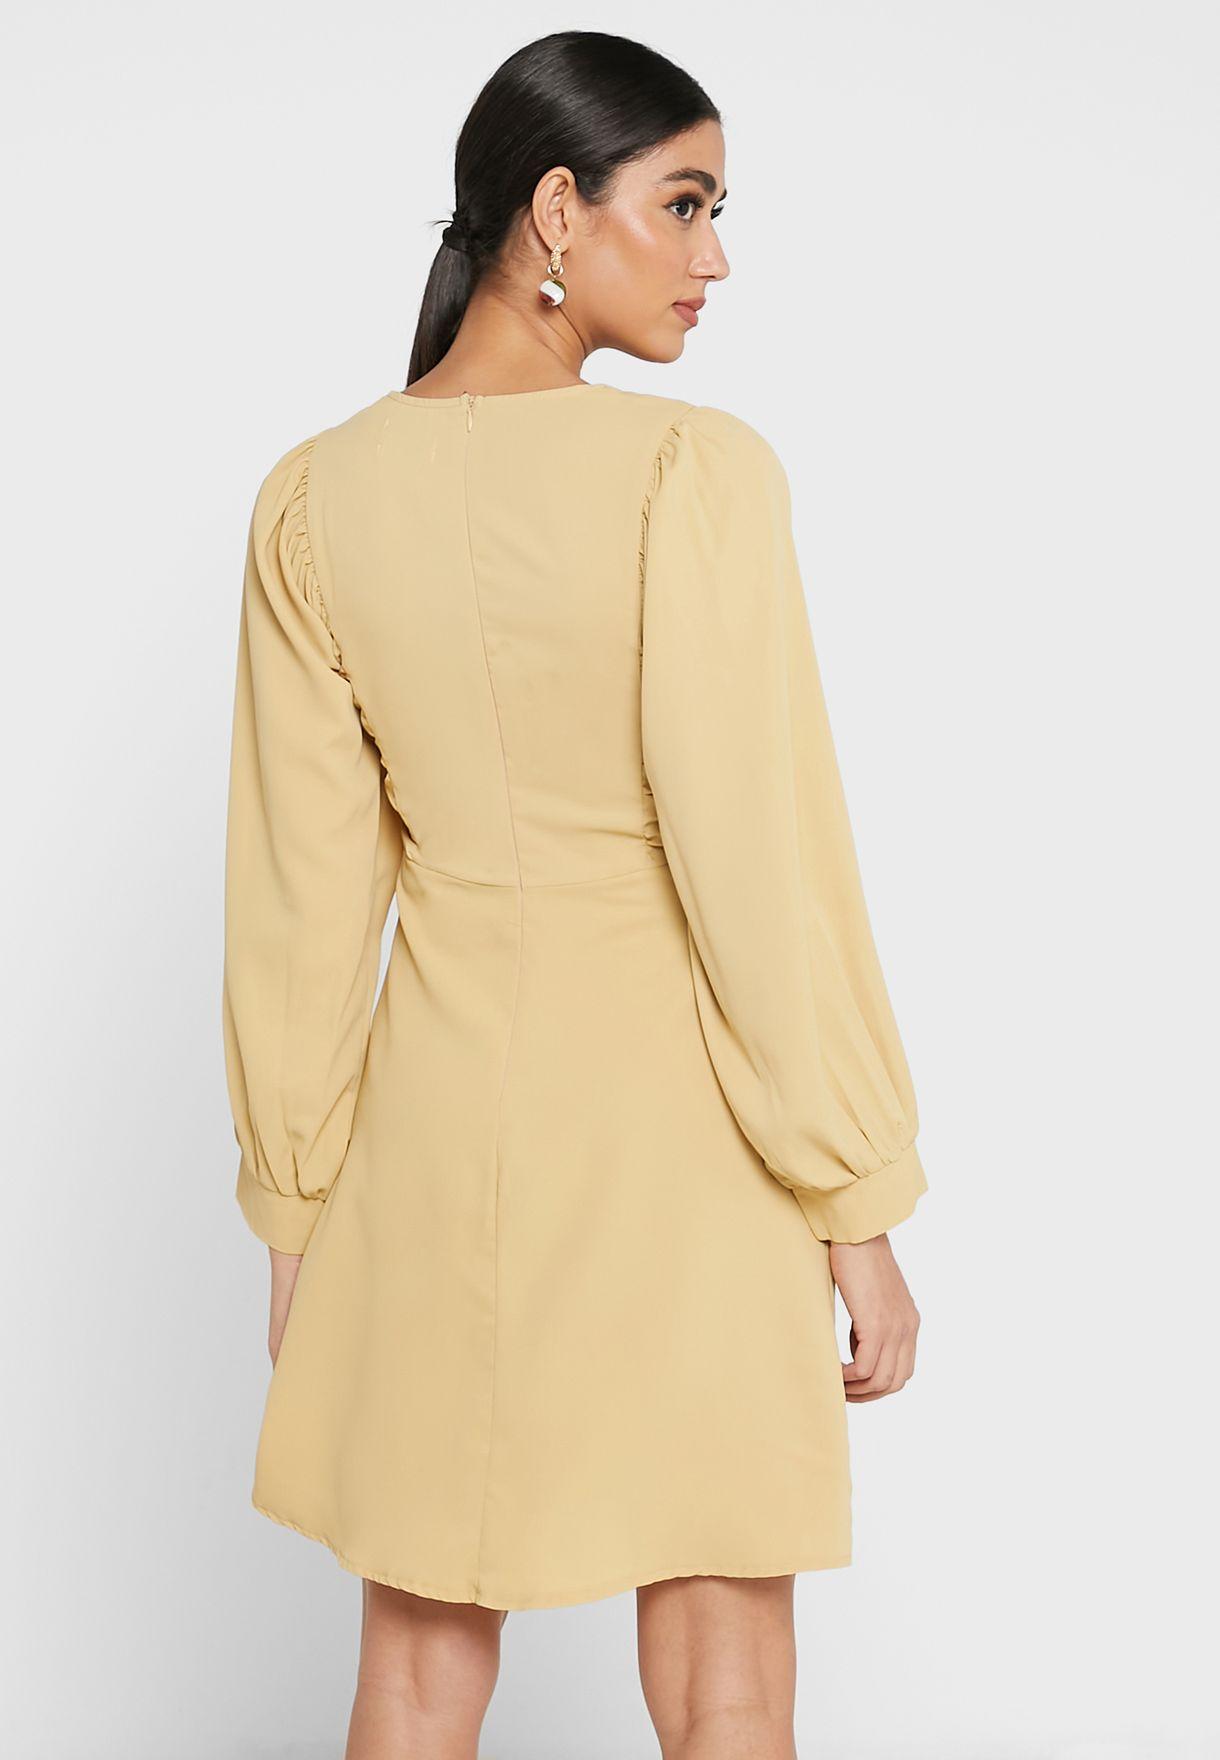 Bishop Sleeve Dress